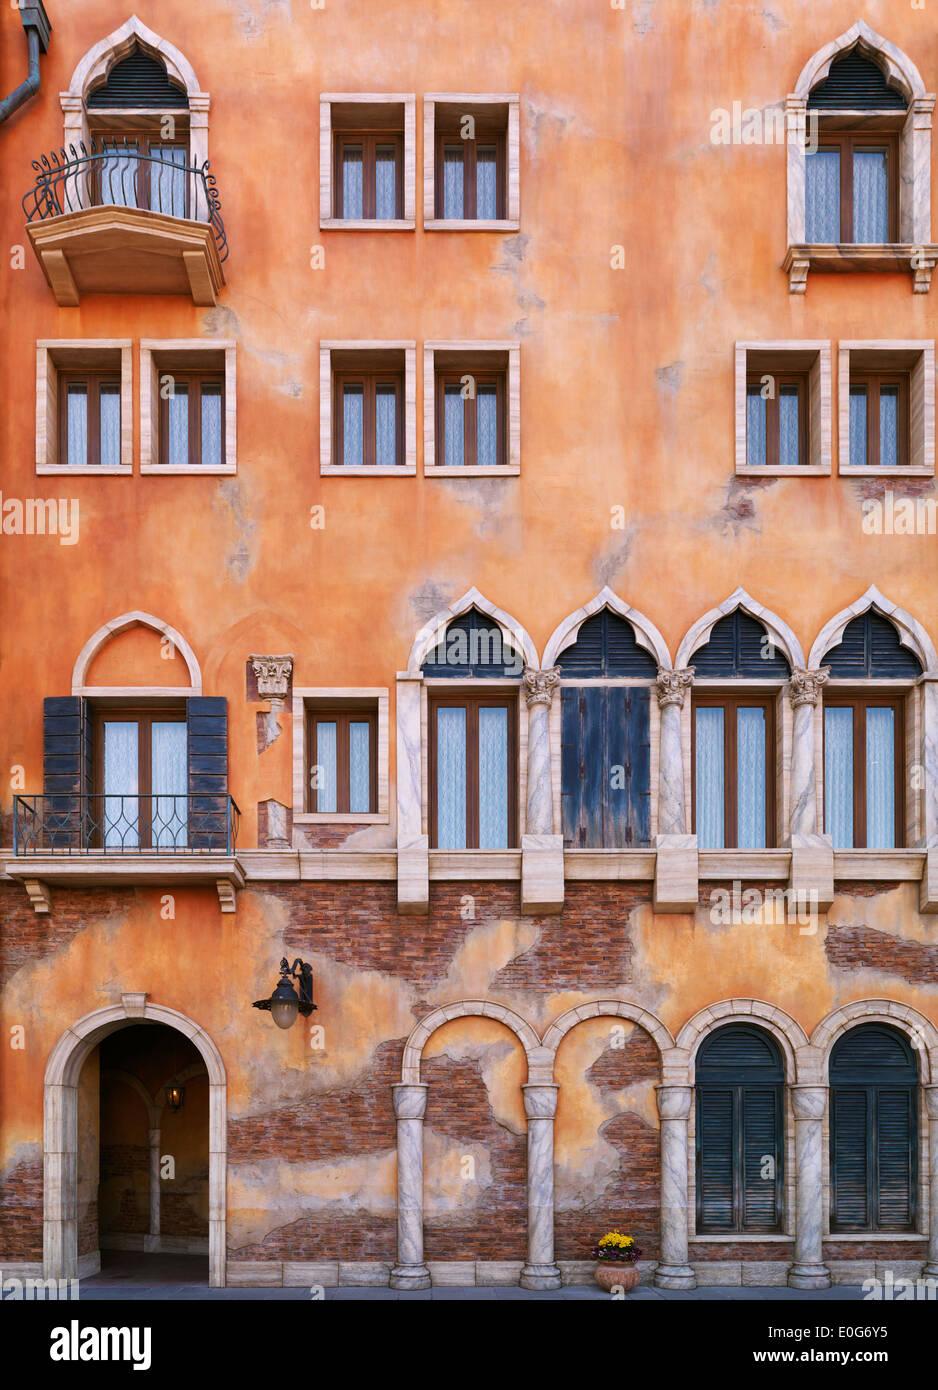 Pared con ventanas de un edificio en estilo arquitectónico gótico veneciano. Arquitectura detalle de textura. Foto de stock